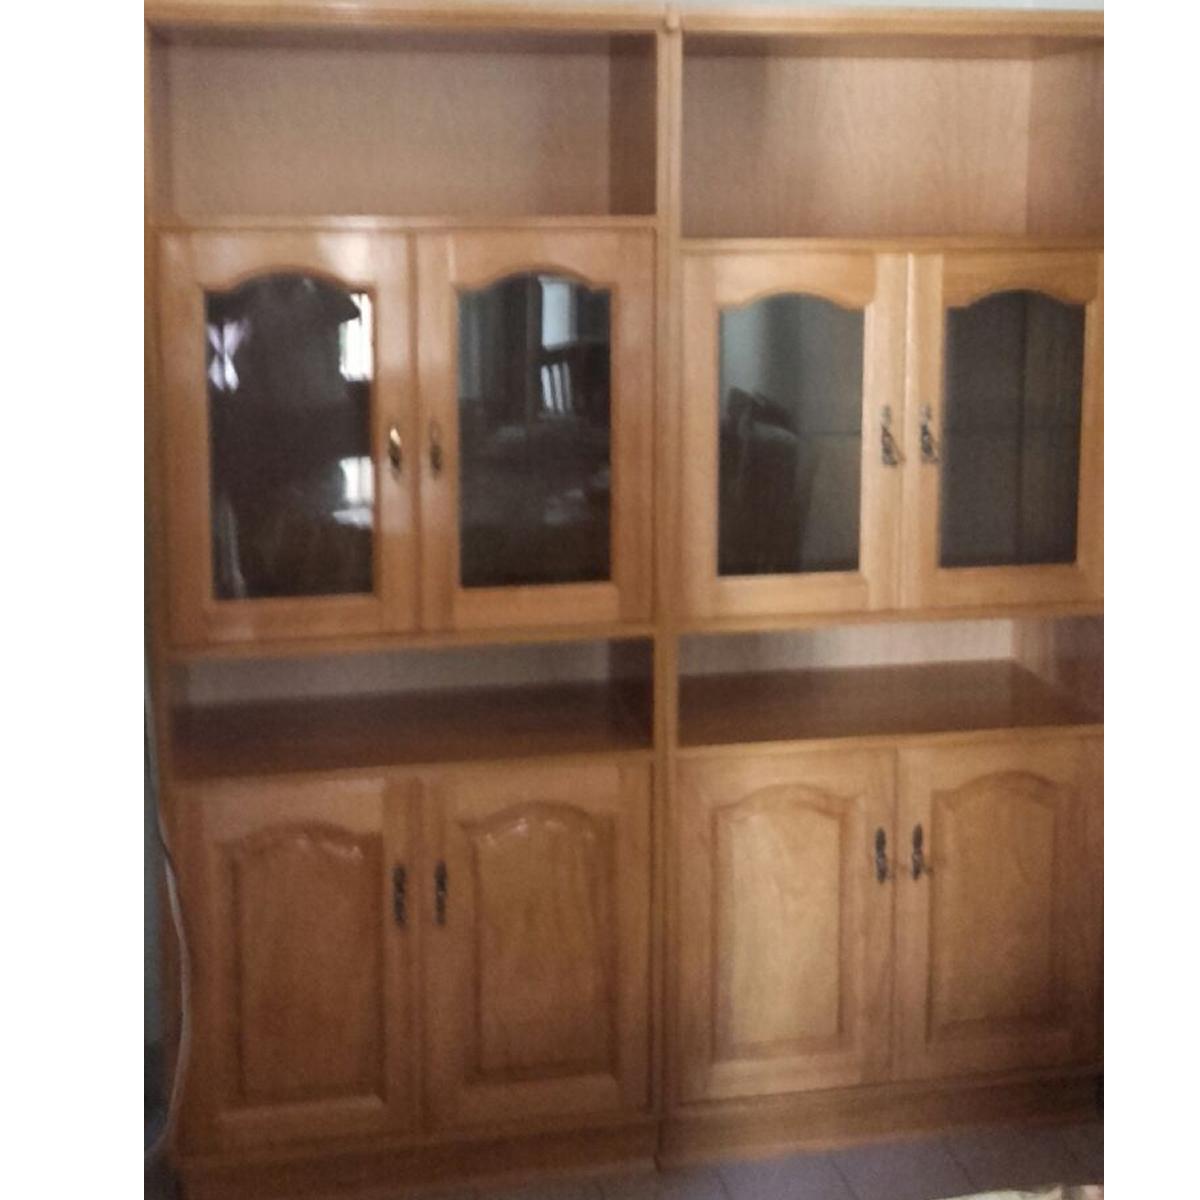 Comedor : Mueble de madera con vitrinas y puertas